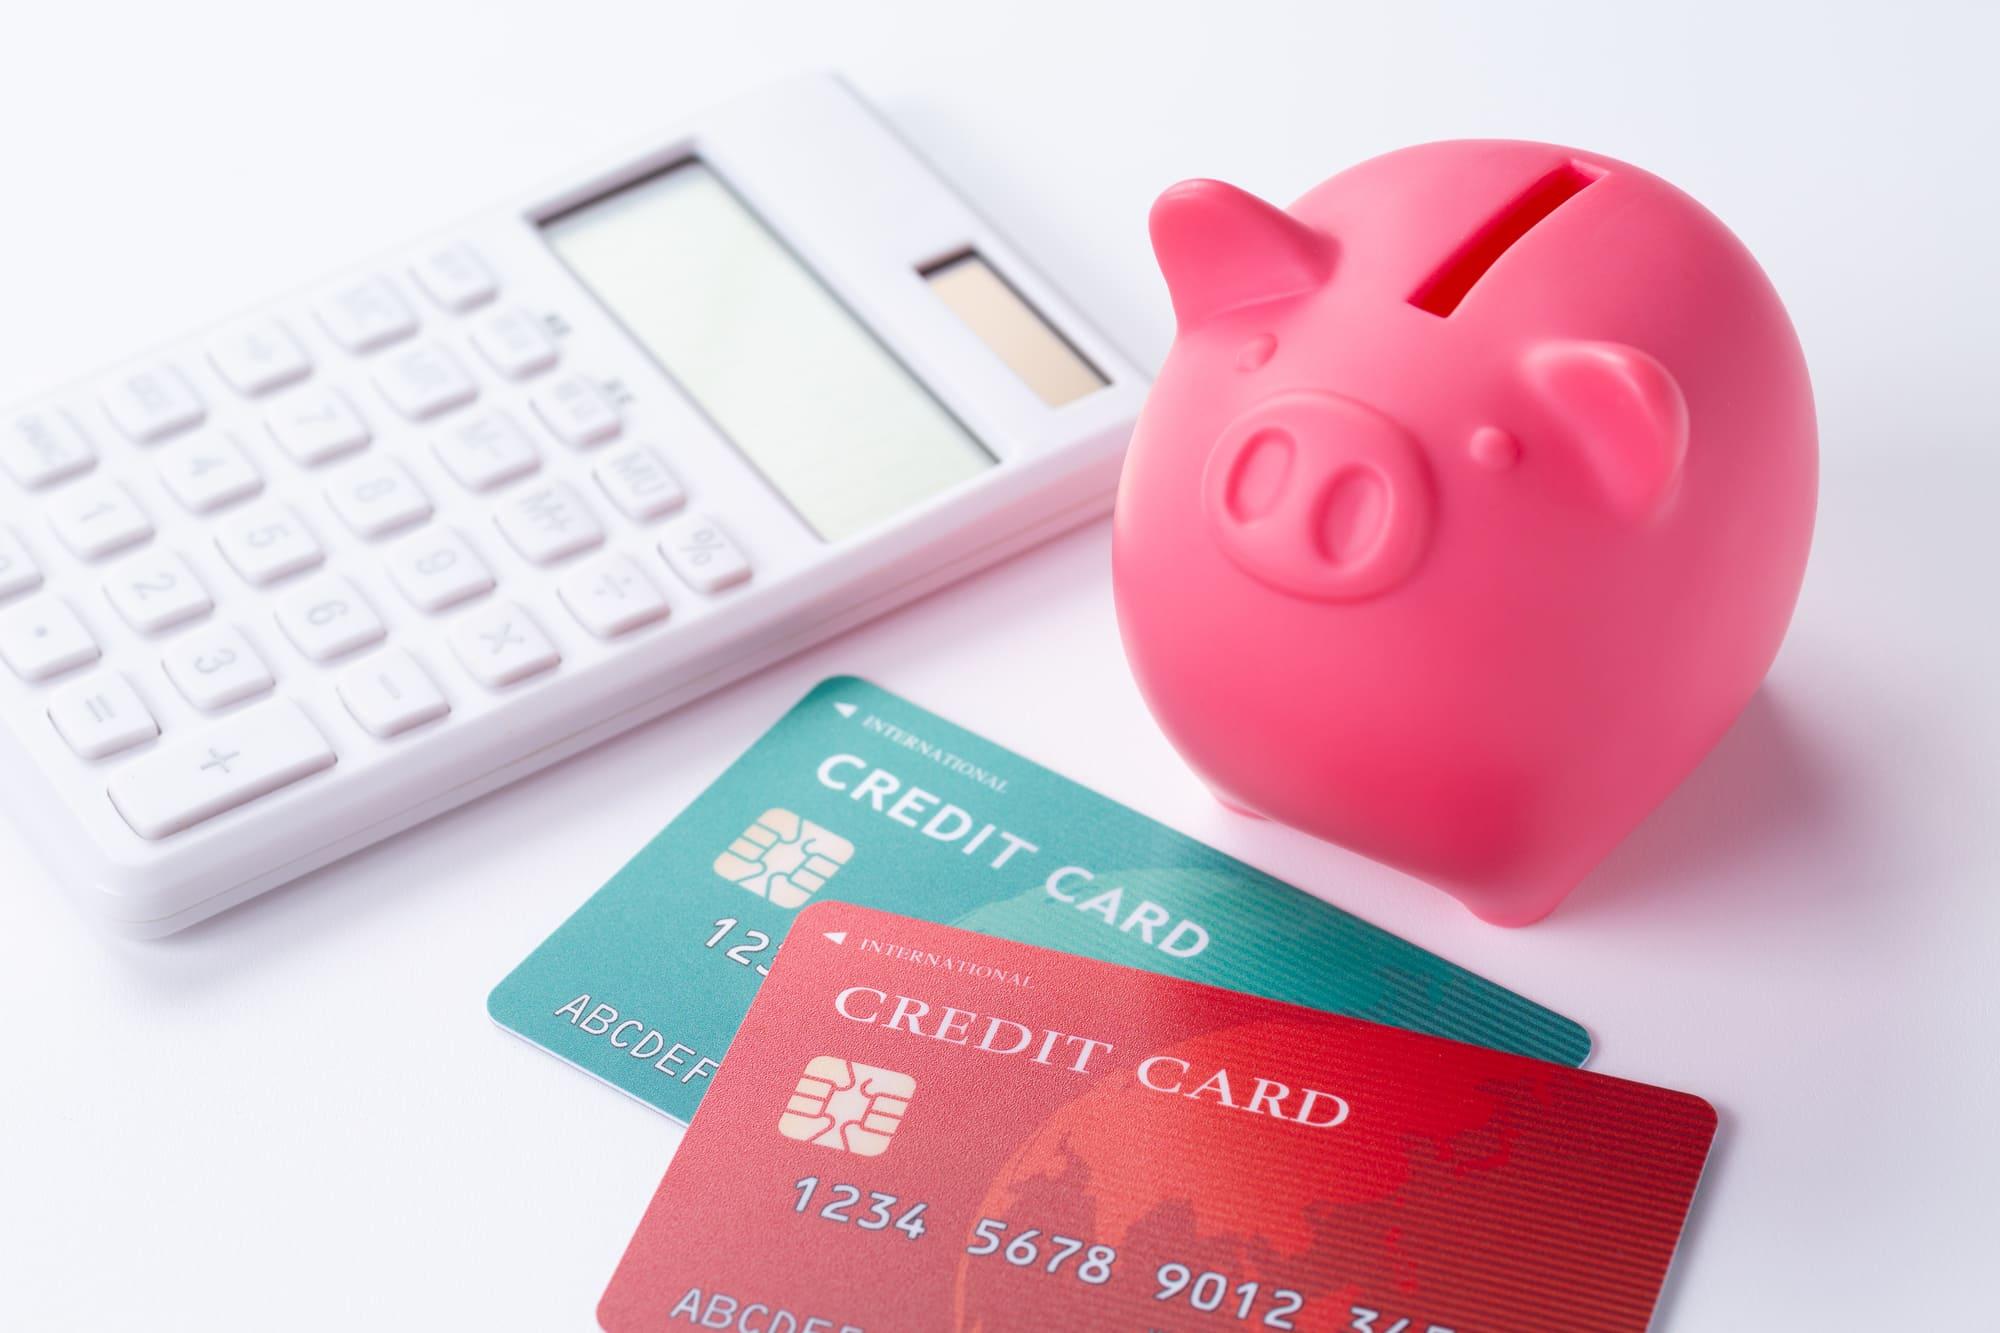 ピンクの豚の貯金箱とクレジットカード2枚